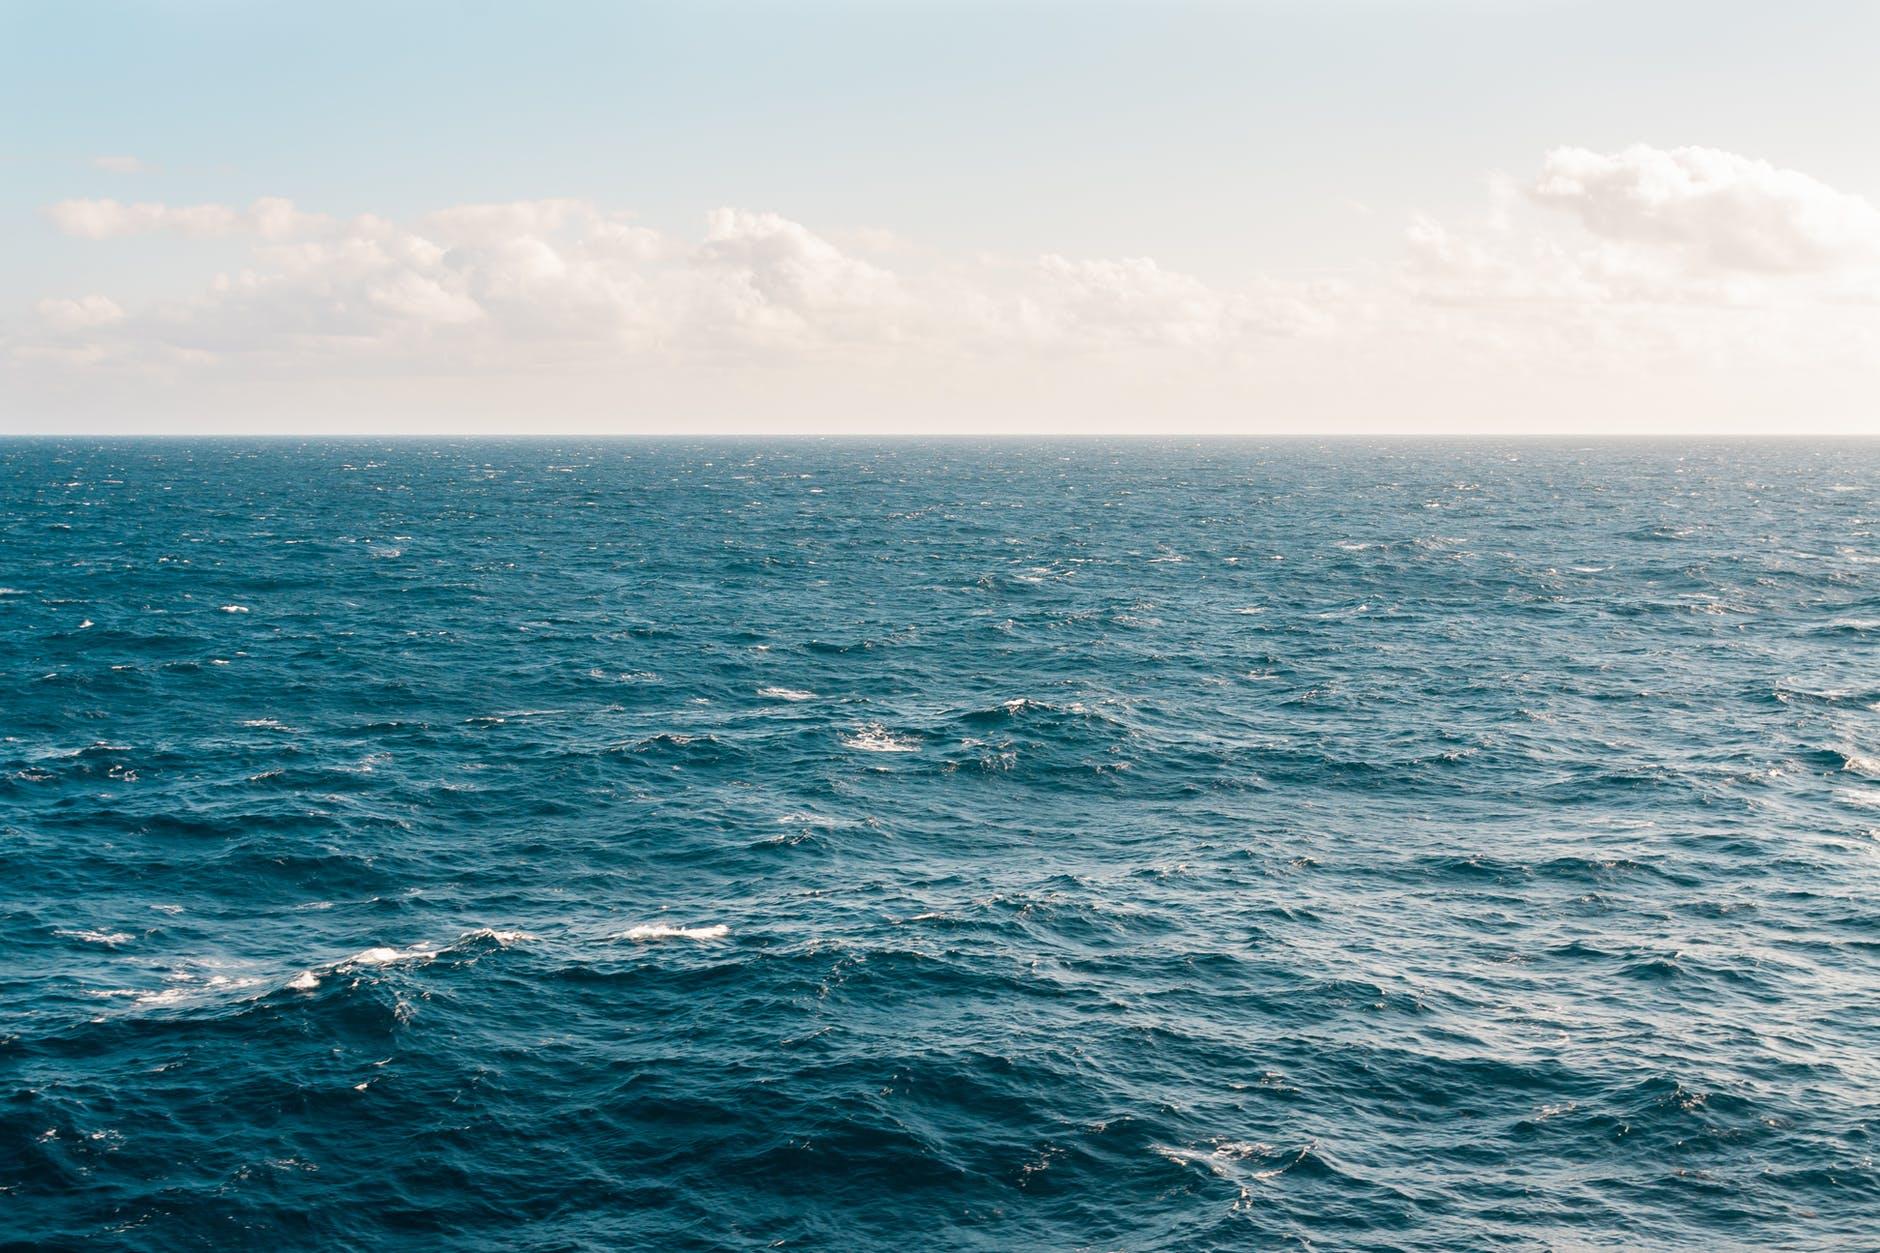 Истории смелых женщин острова Ла-Пальма, жизнь которых связана с океаном